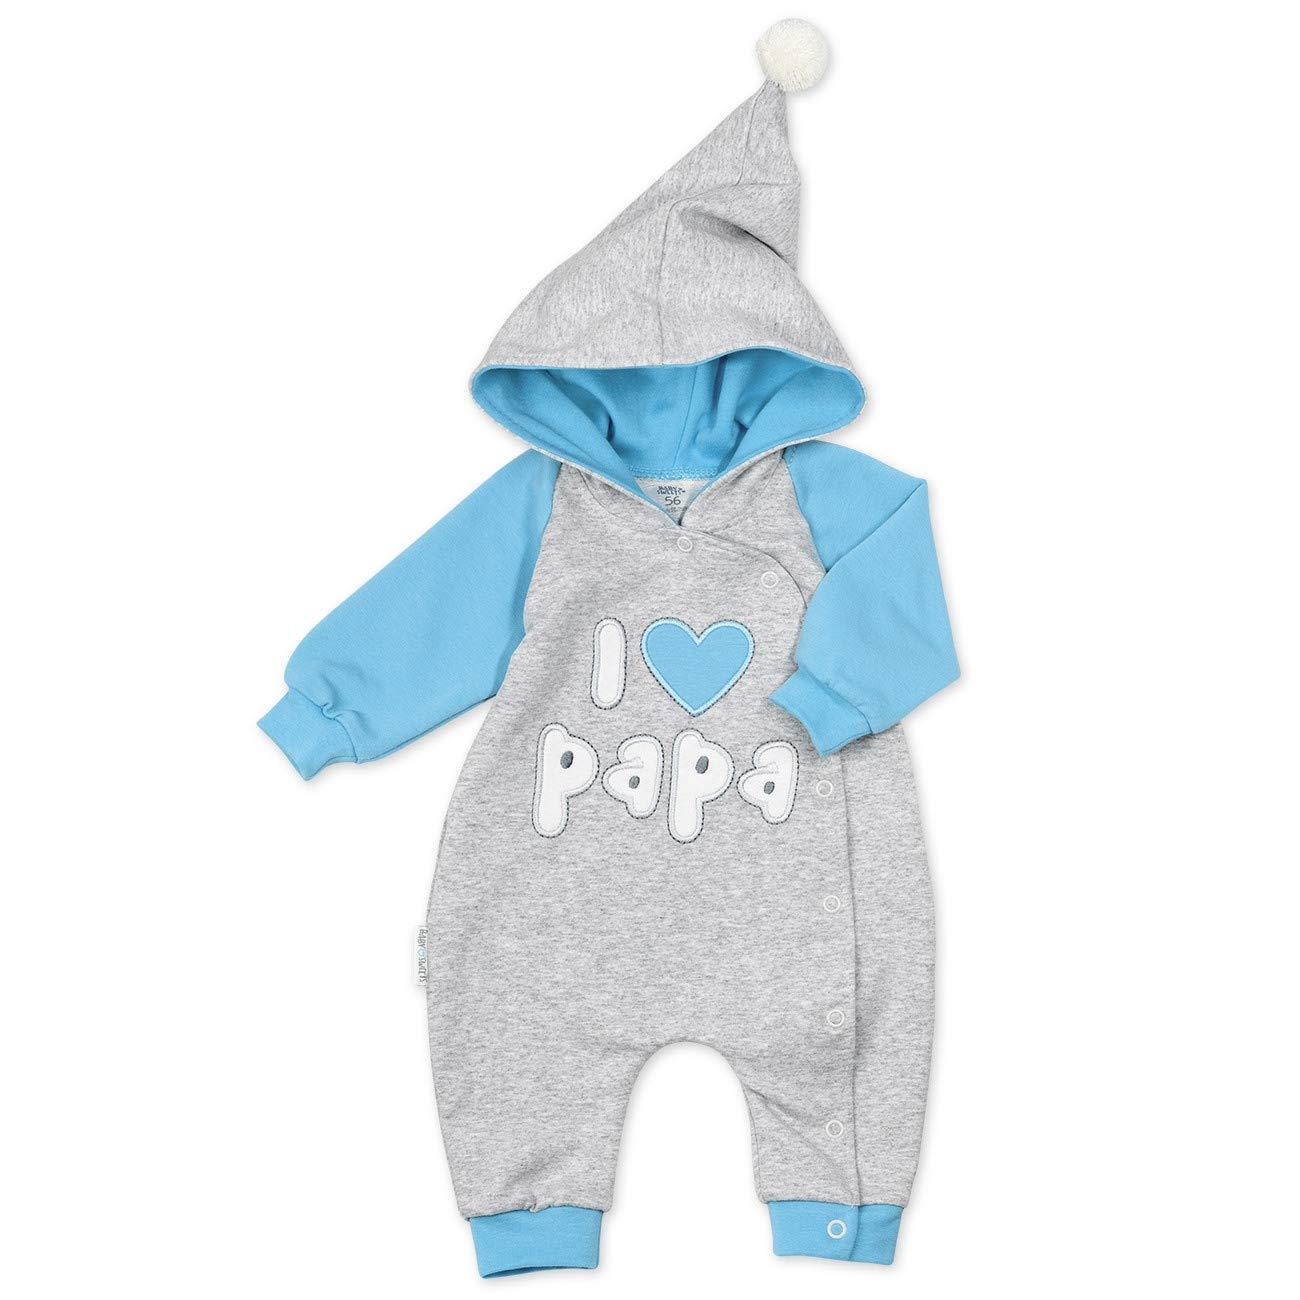 Baby Sweets Overall Jungen grau blau 60 Babystrampler mit Kapuze f/ür Neugeborene /& Kleinkinder Motiv: I Love Papa Gr/ö/ße: 3 Monate